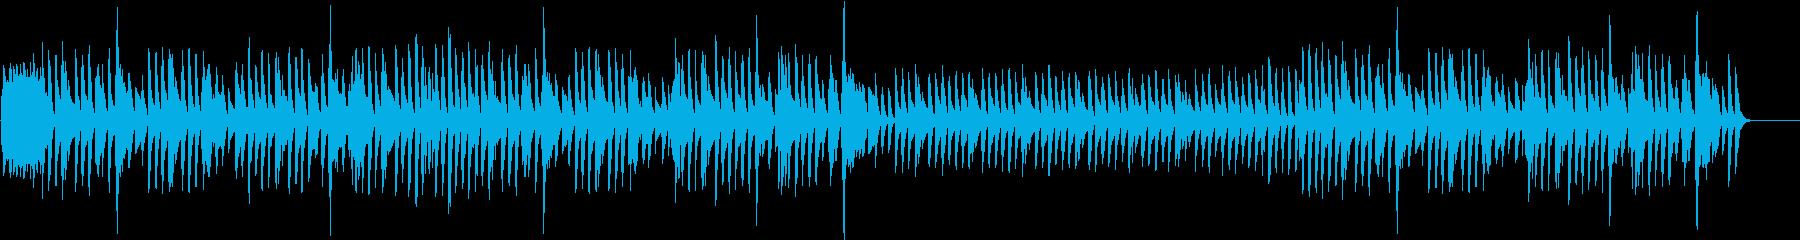 晴れた日の散歩道1(ピアノソロ)の再生済みの波形